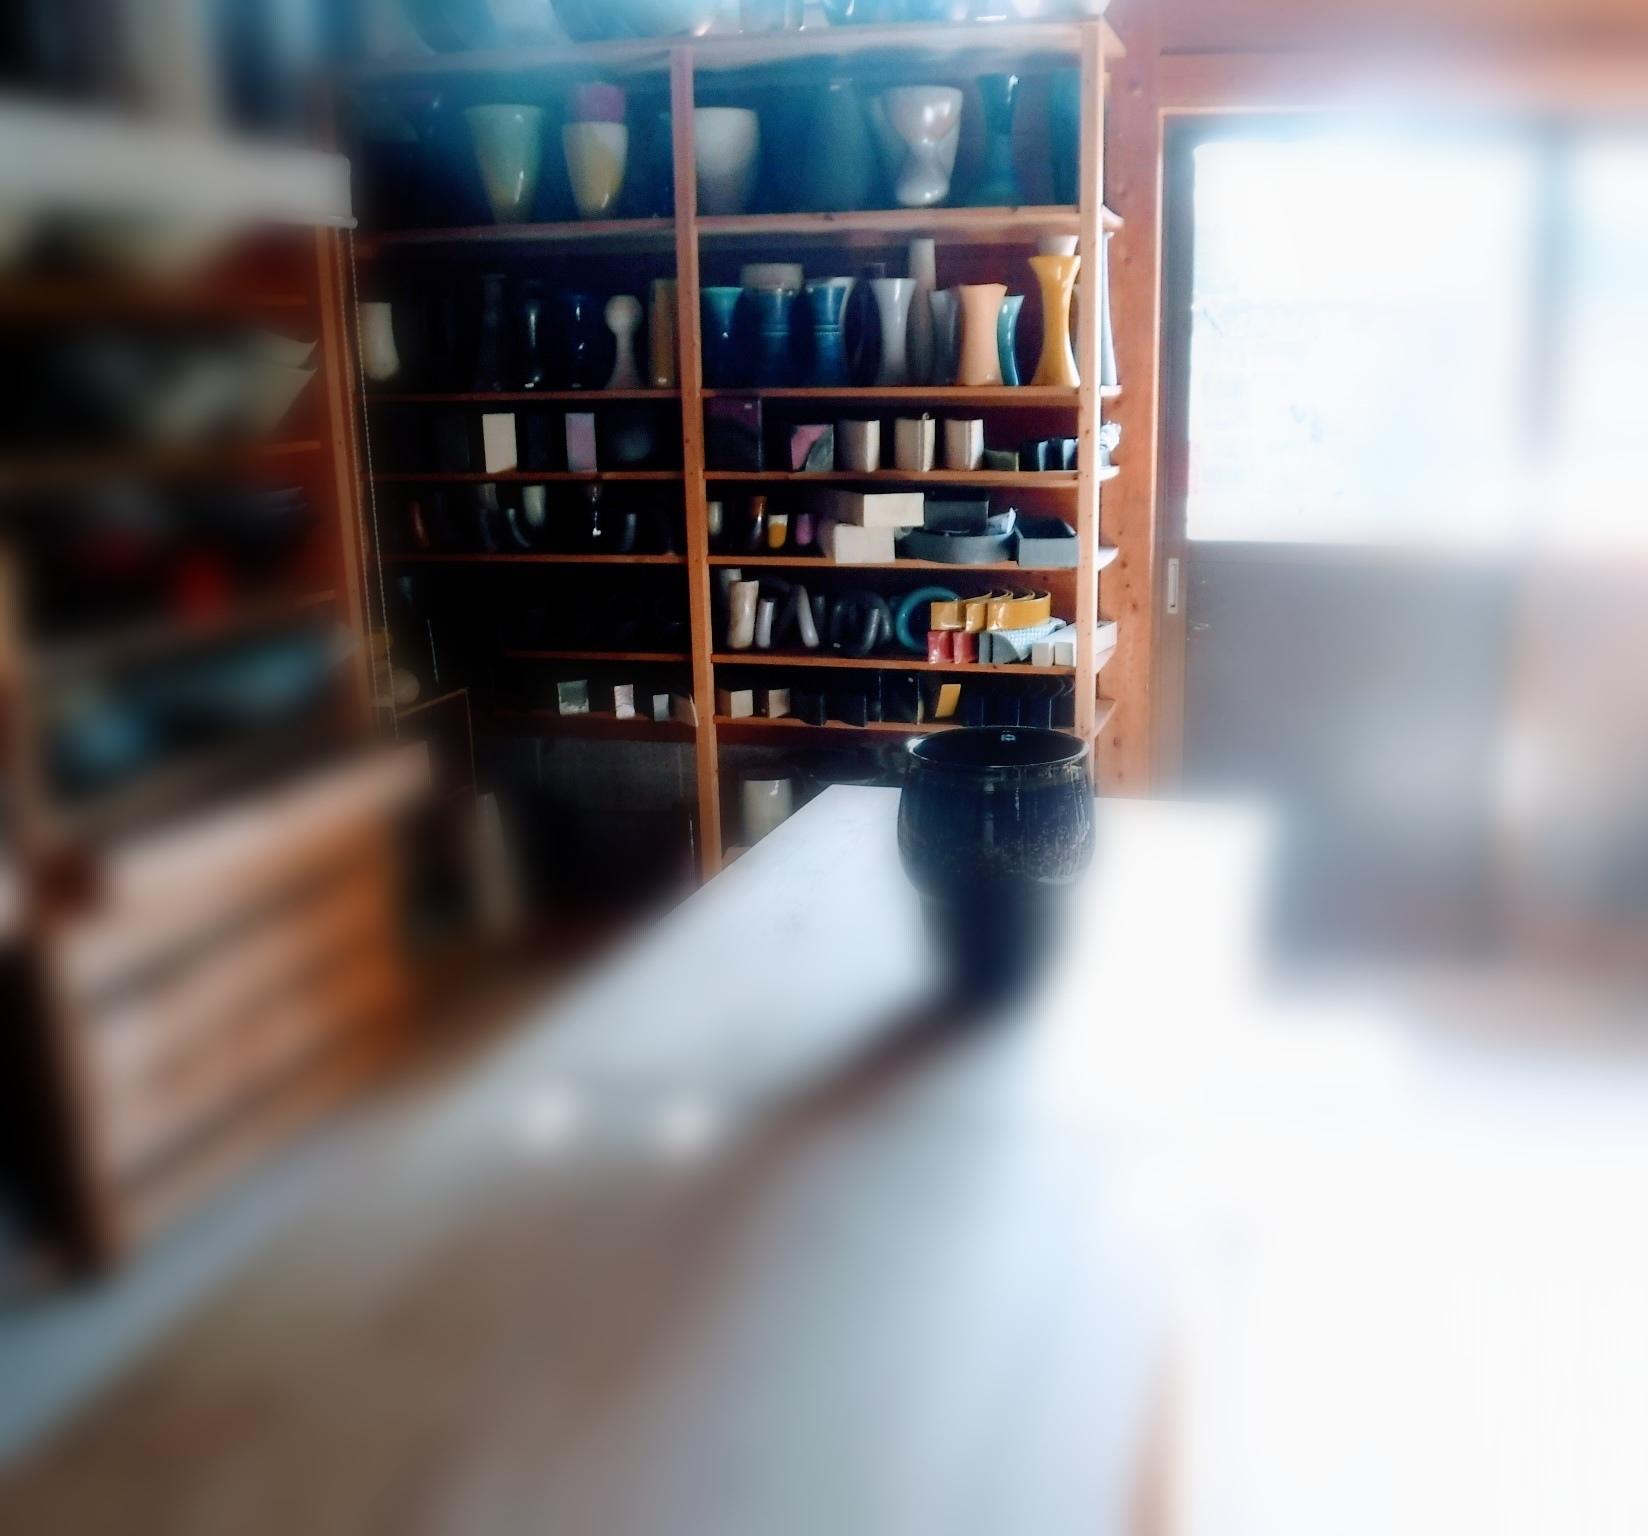 唯一売らない花器が武雄市陽光美術館へ_d0195183_05381864.jpg